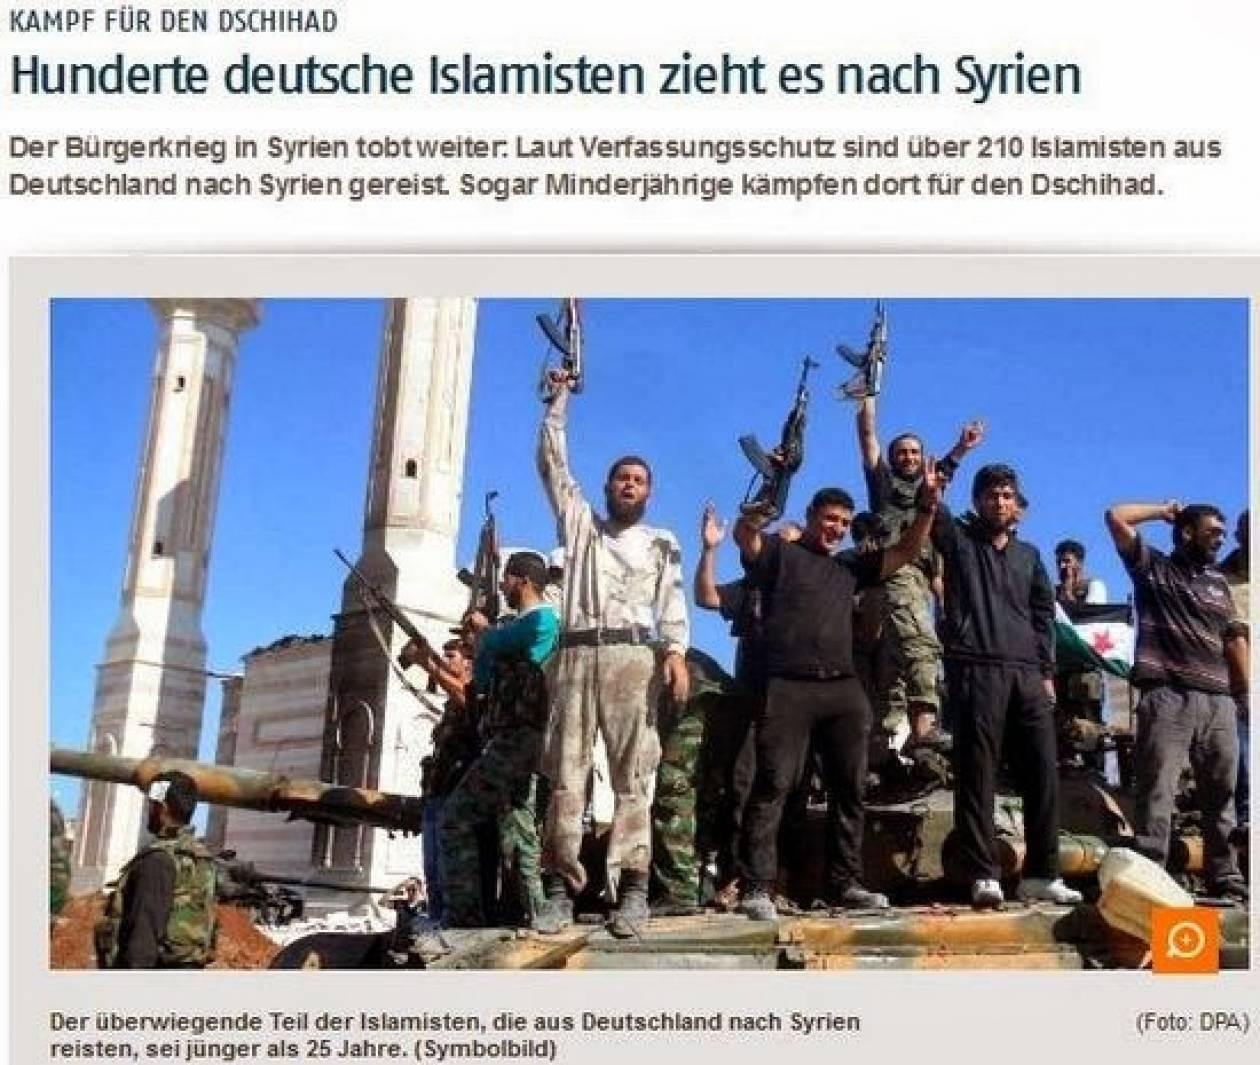 BND: Αύξηση Ισλαμιστών από Γερμανία στη Συρία